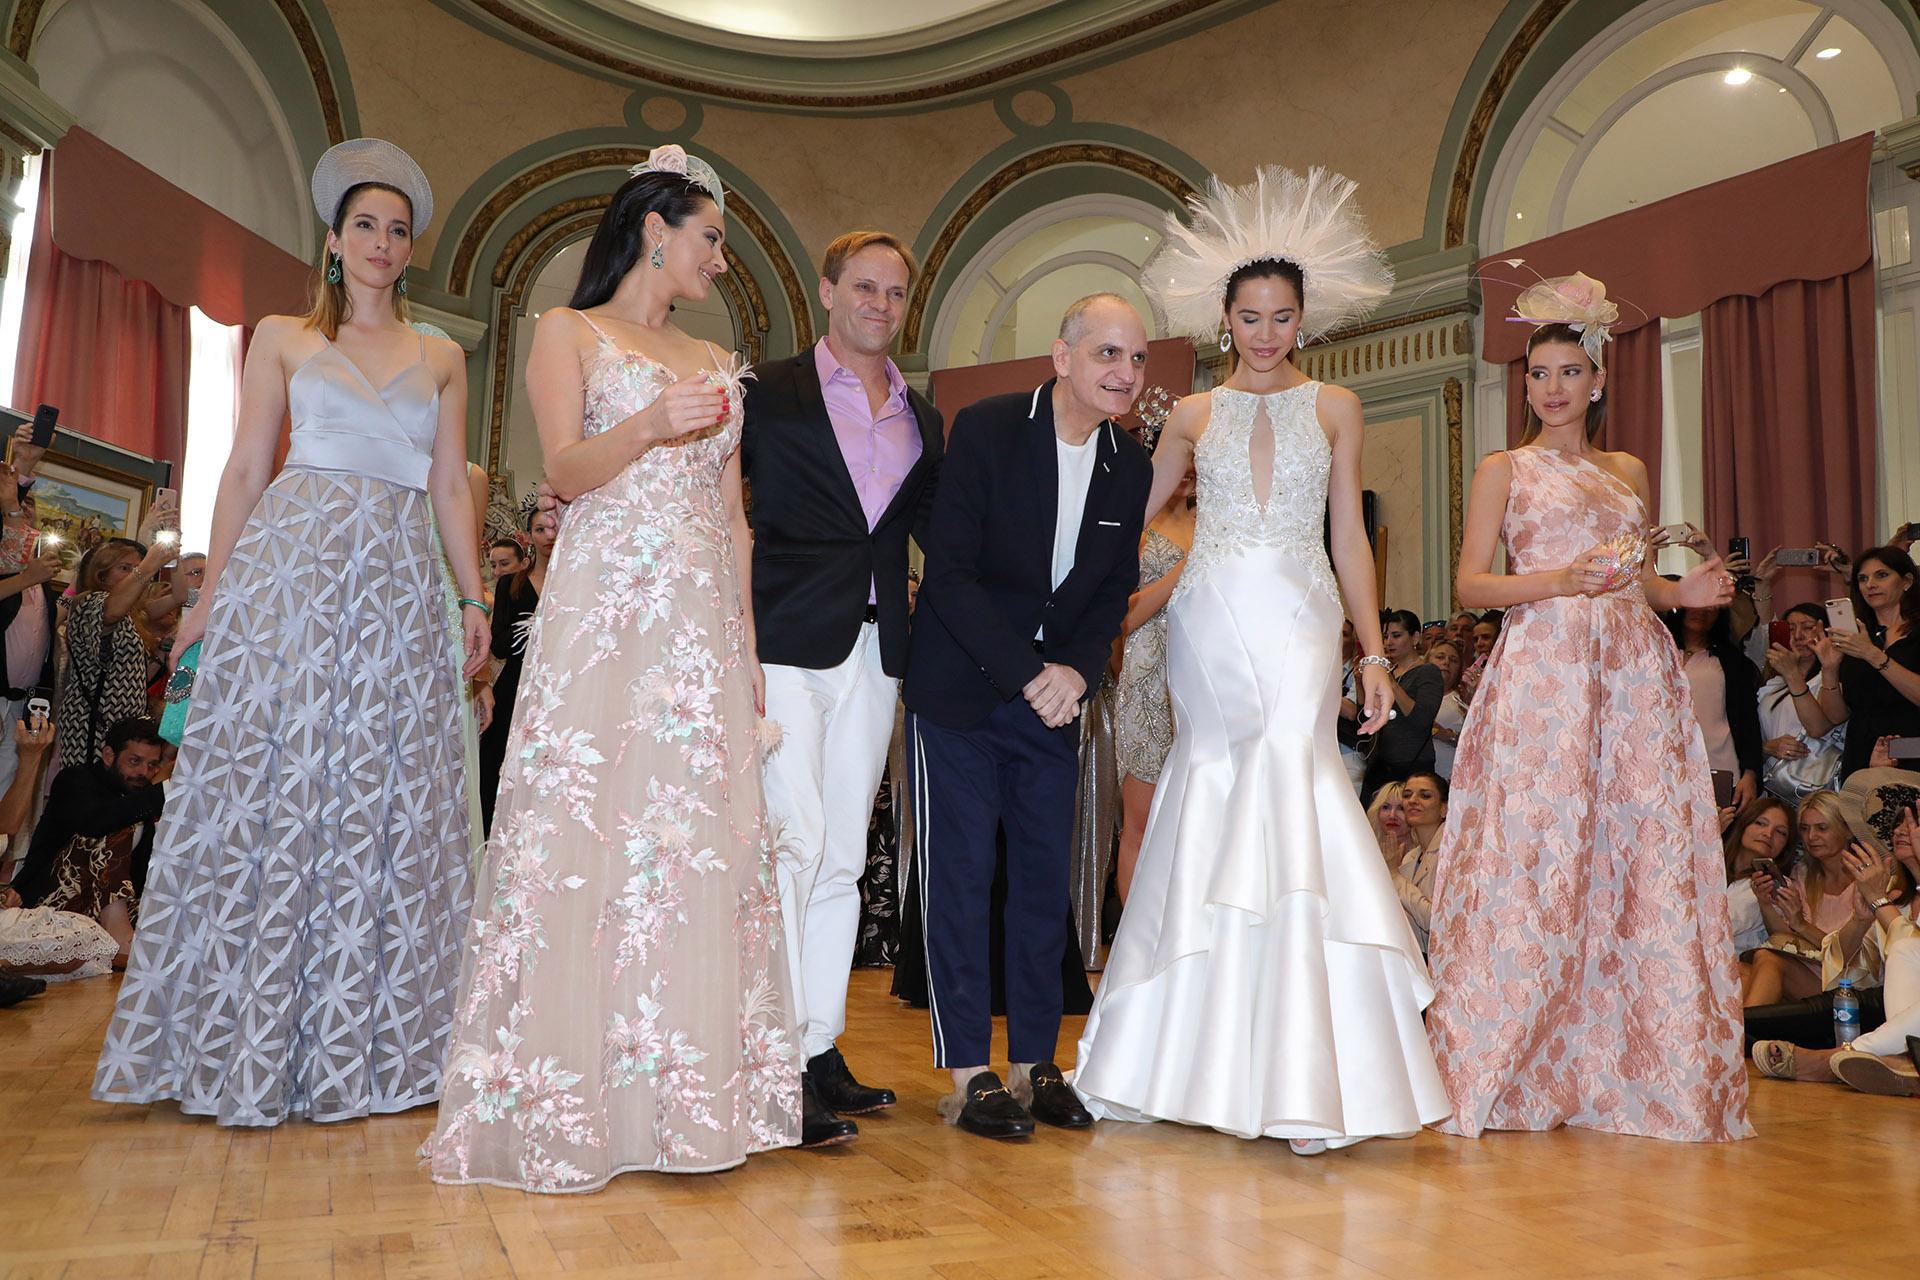 Laurencio Adot, acompañado por Thiago Pinheiro y las modelos, fue ovacionado en la presentación de su nueva colección: Royal Ascot